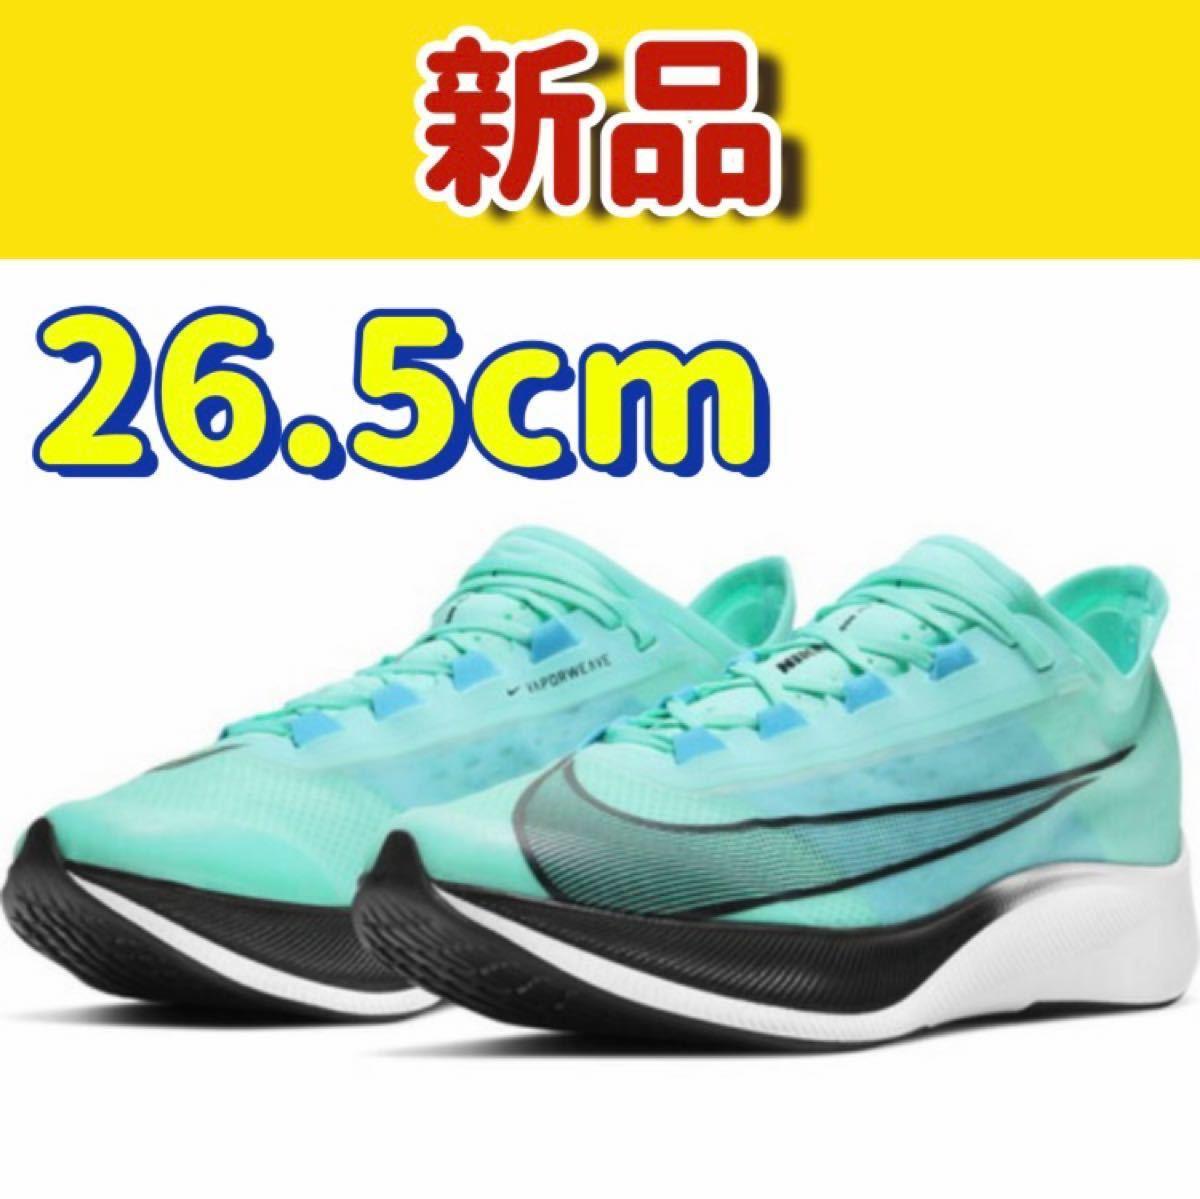 【新品・未使用】ナイキ(NIKE) ズームフライ 3 ランニングシューズ  AT8240-305 26.5cm